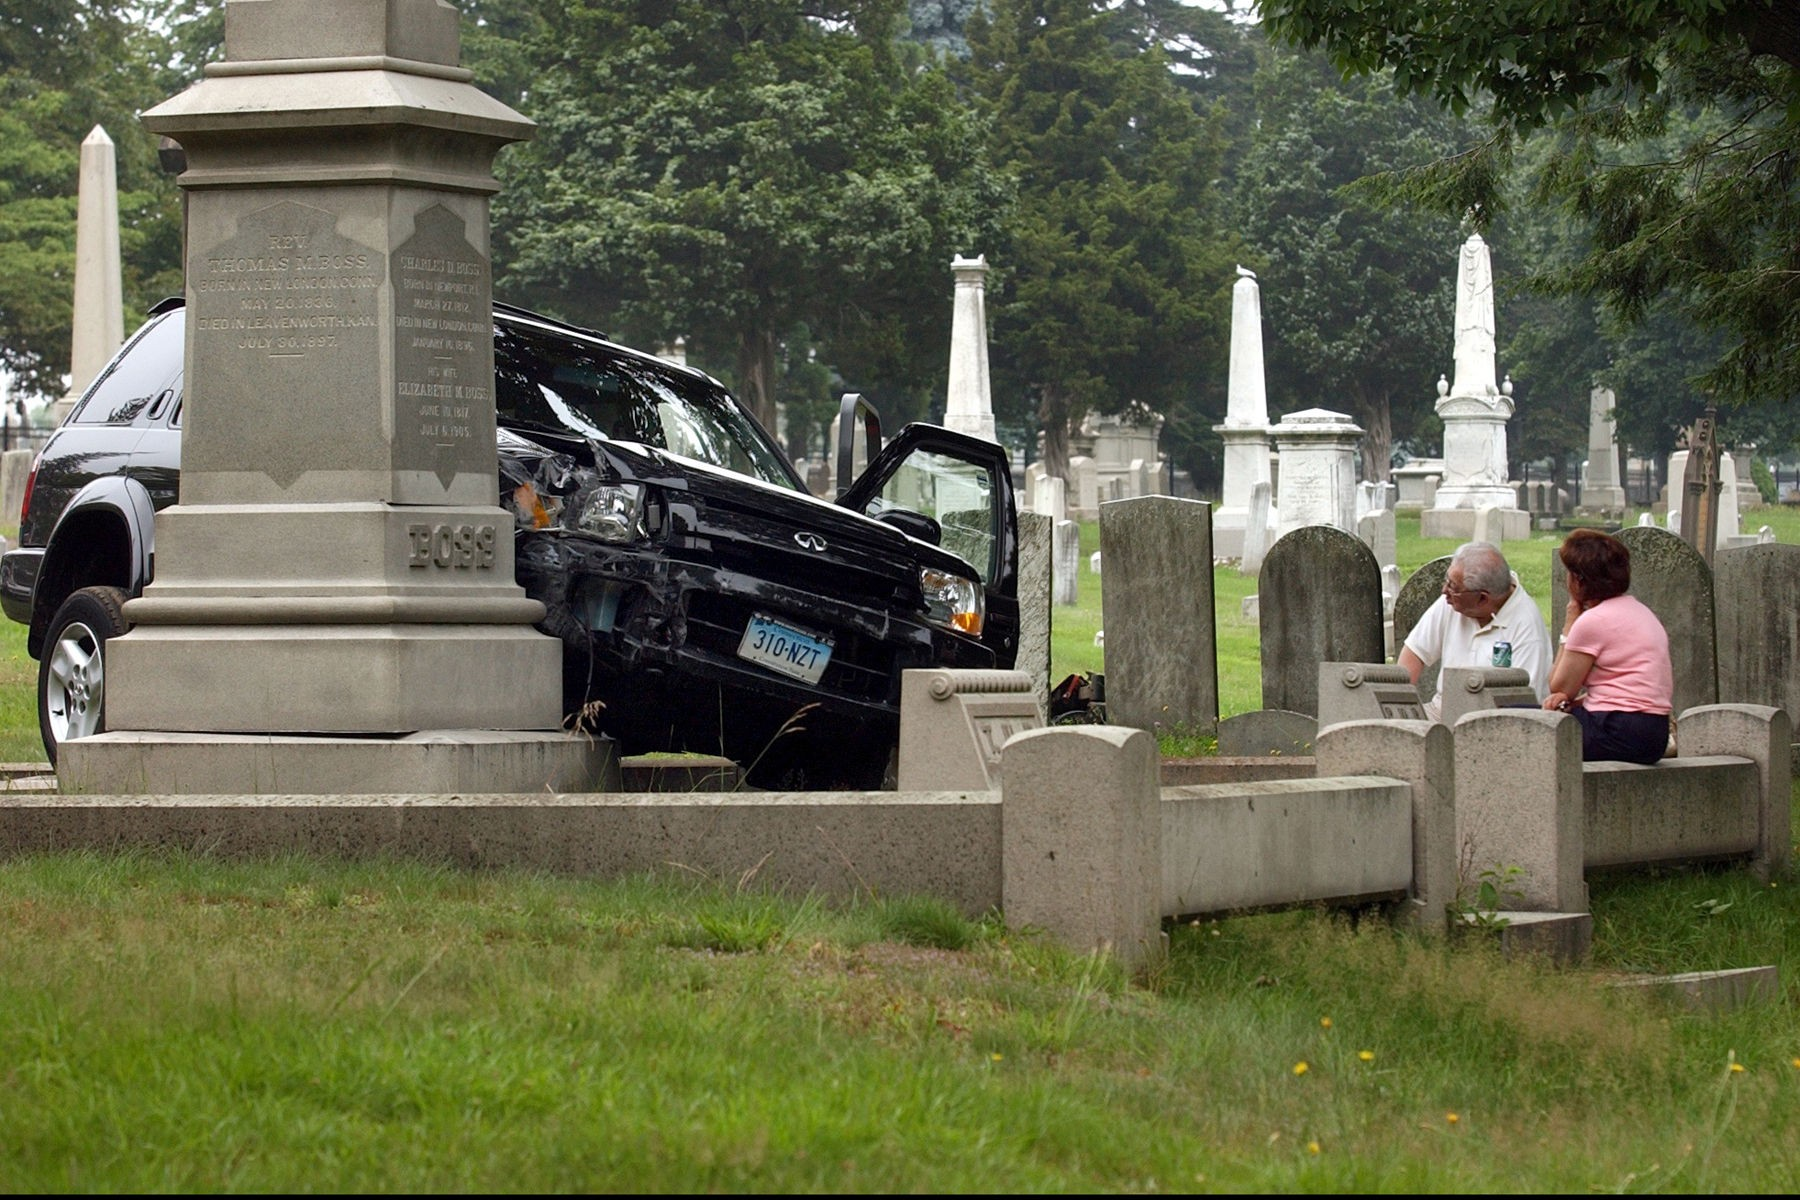 SUV vs CEMETERY002.JPG